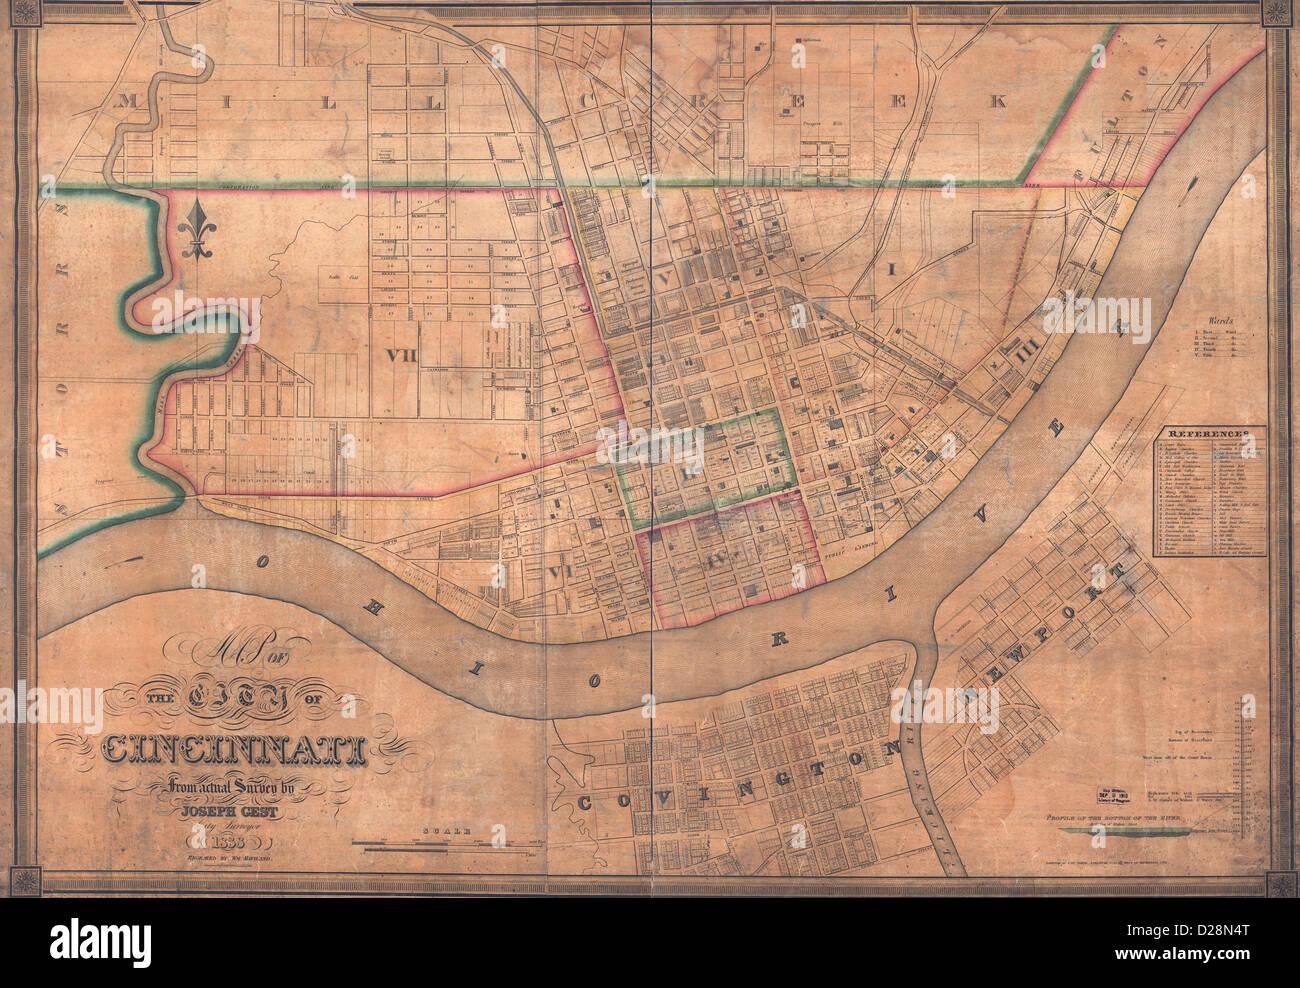 Mapa De La Ciudad De Cincinnati Ohio Circa 1838 Foto Imagen De